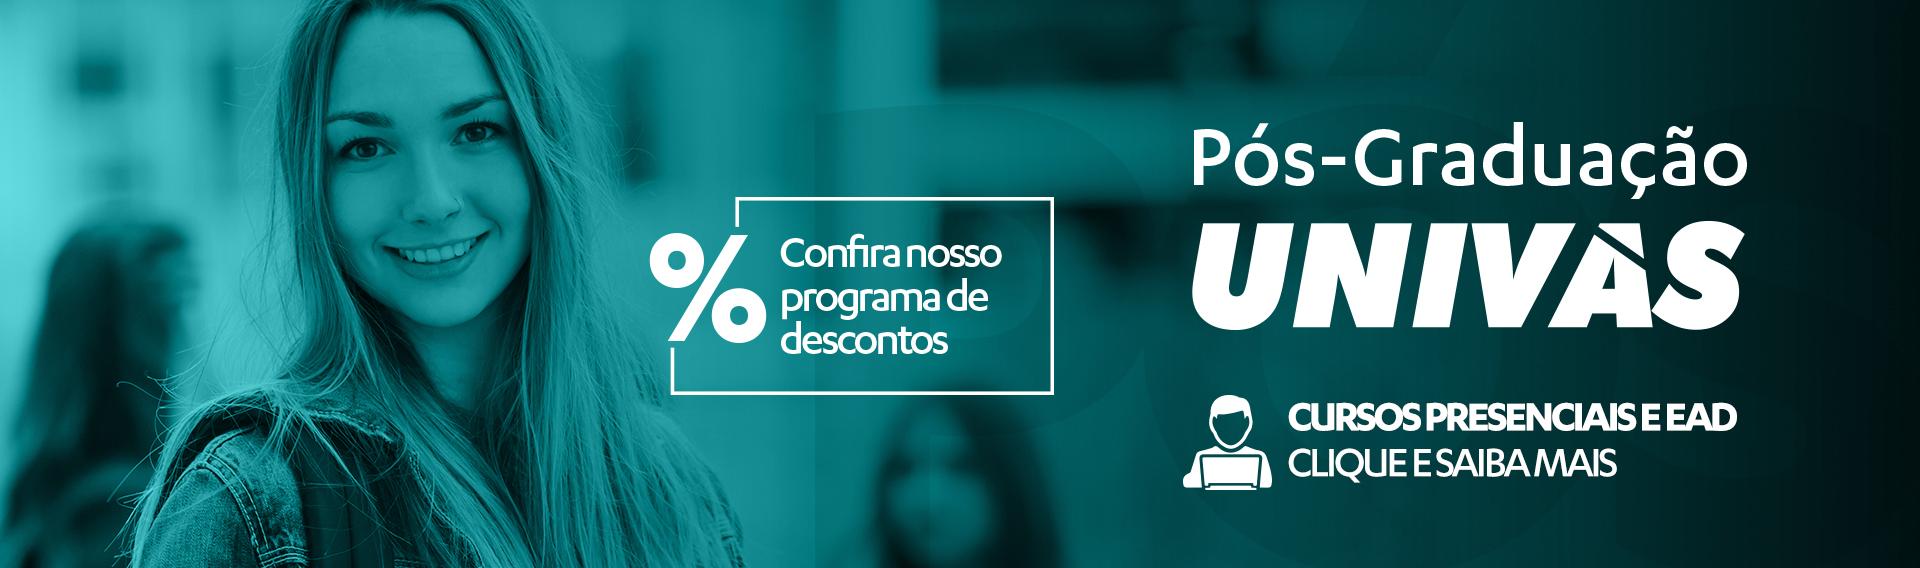 P�s-Gradua��o Univ�s